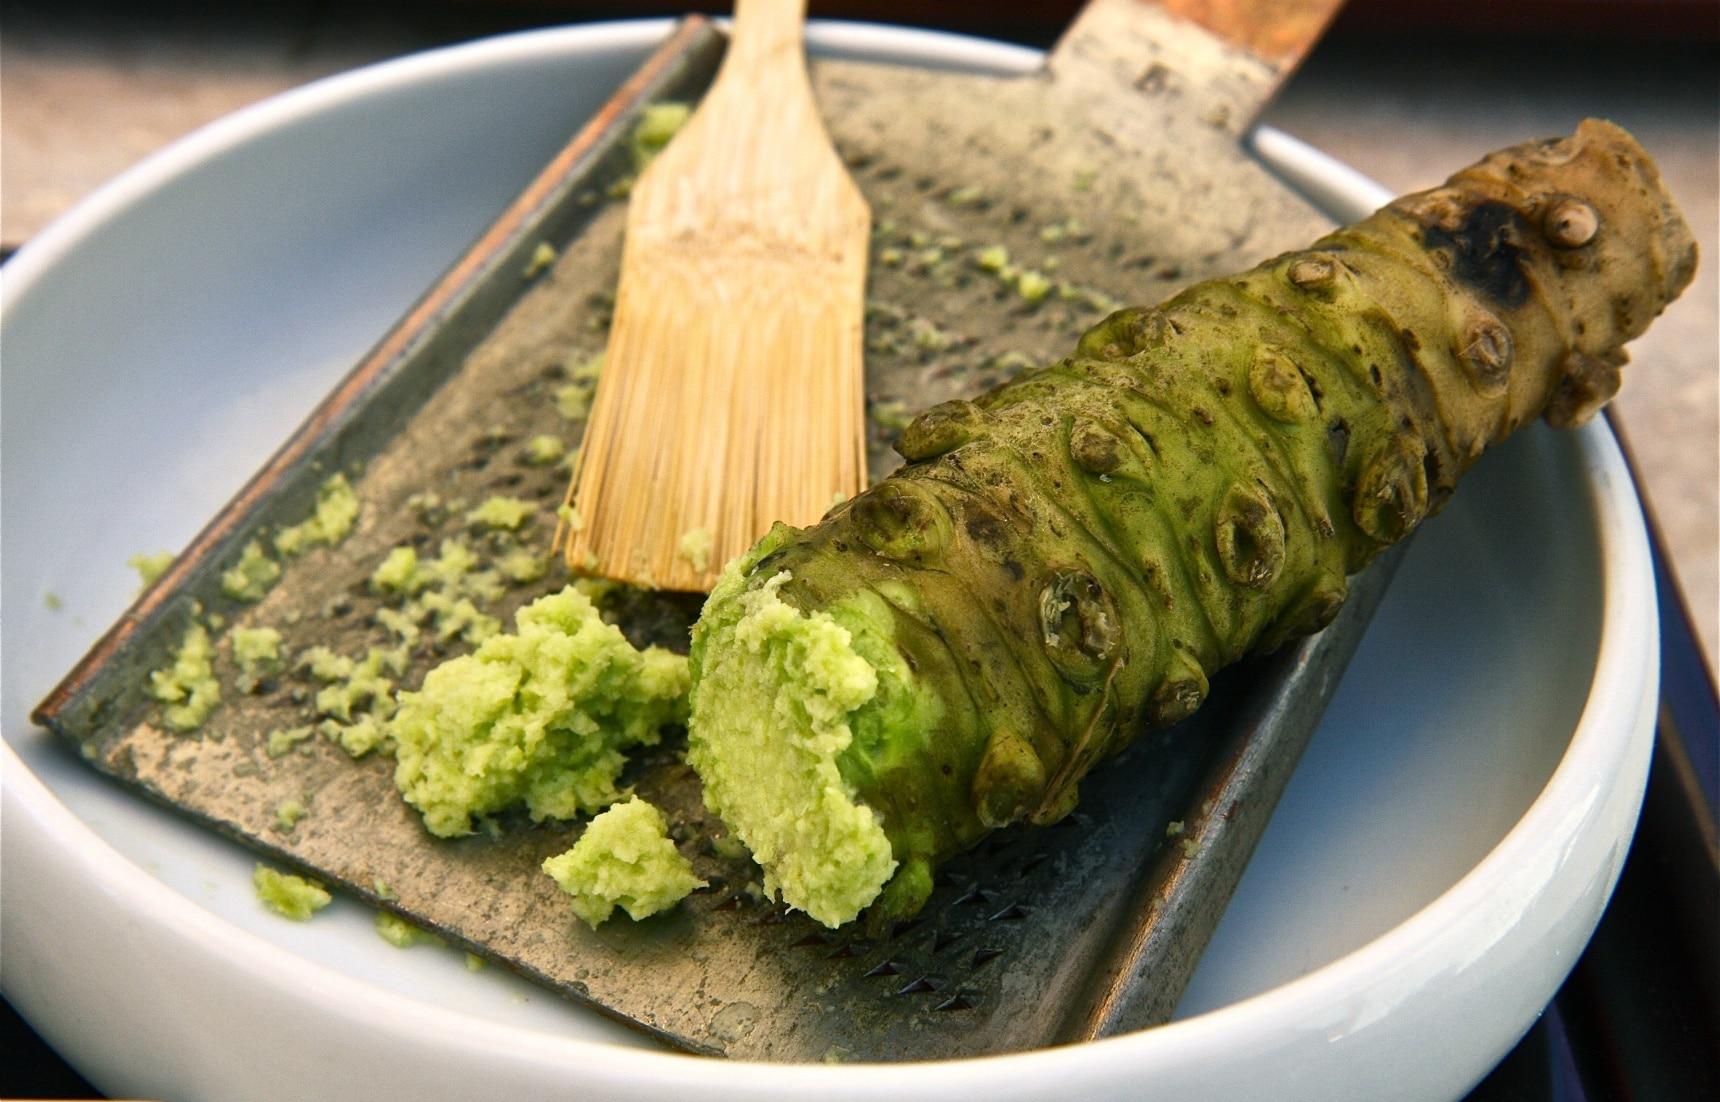 일식 상식: 초밥에 들어가는 식재료 「와사비 (わさび)」